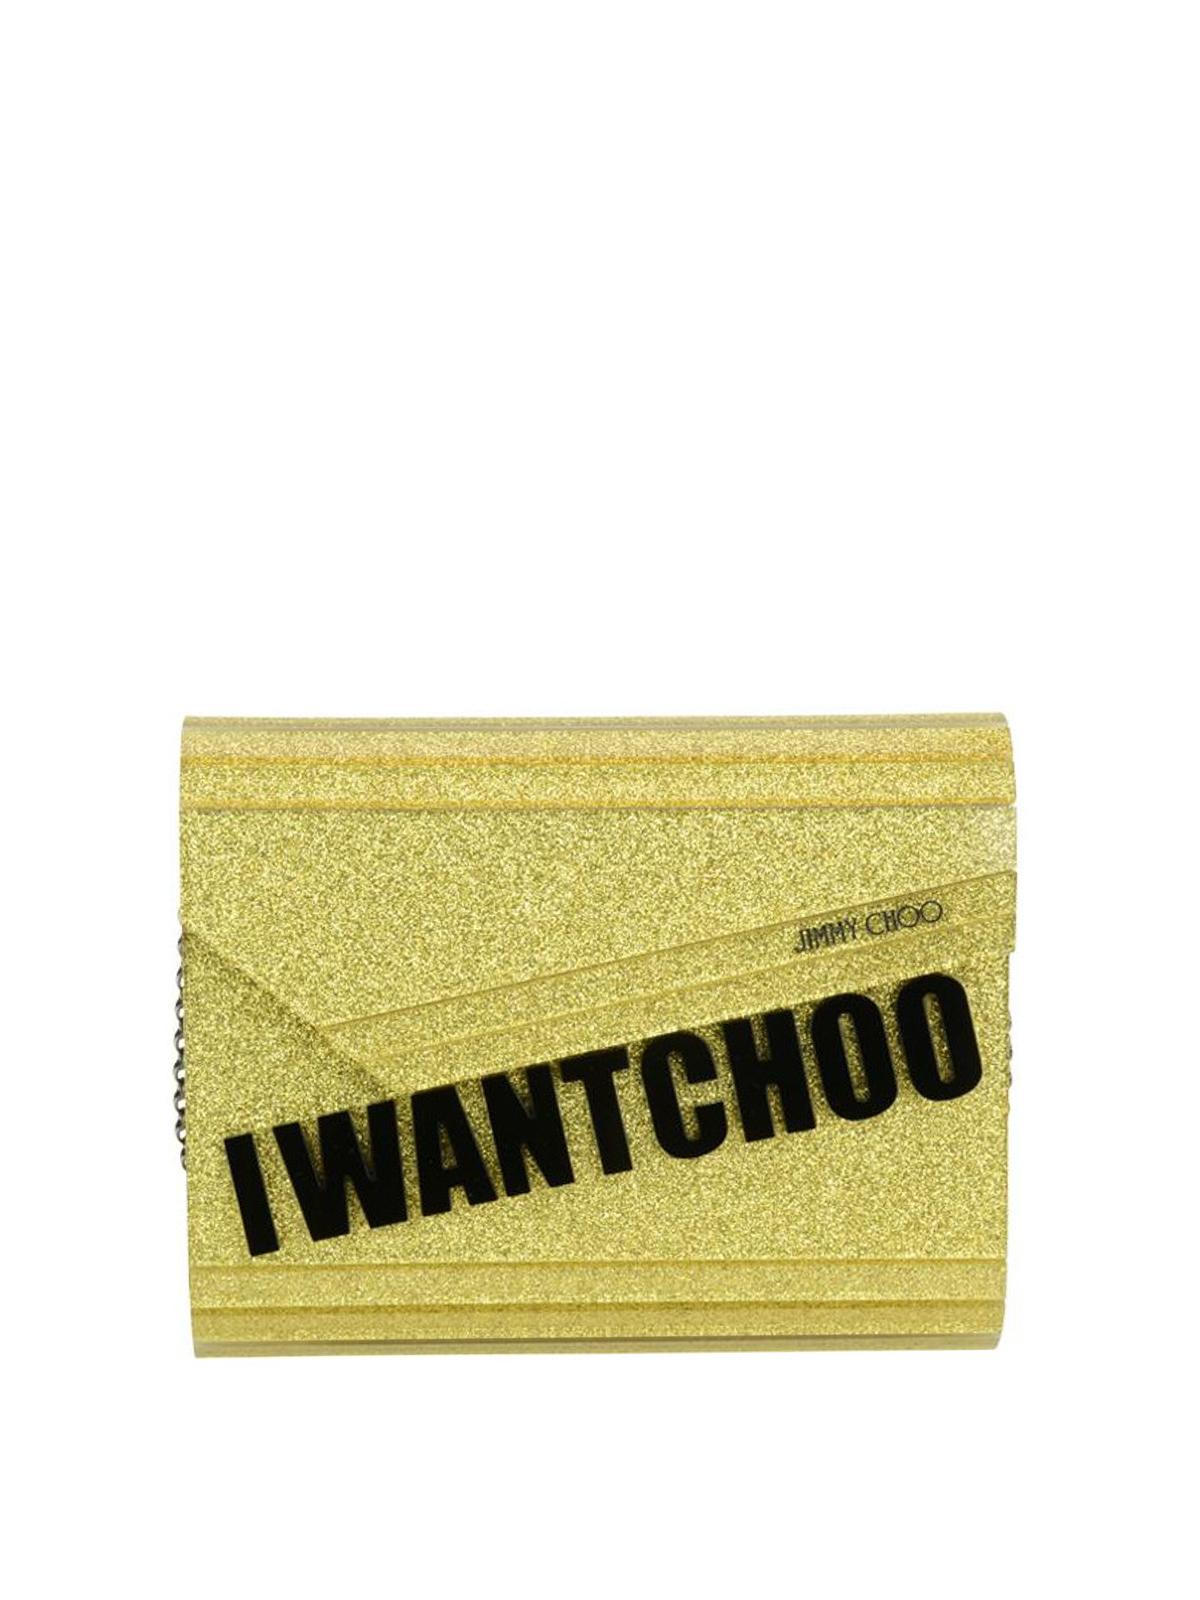 ed7db0a35 Jimmy Choo - Bolso Clutch - Candy - Bolso clutch - CANDYIWCGOLD